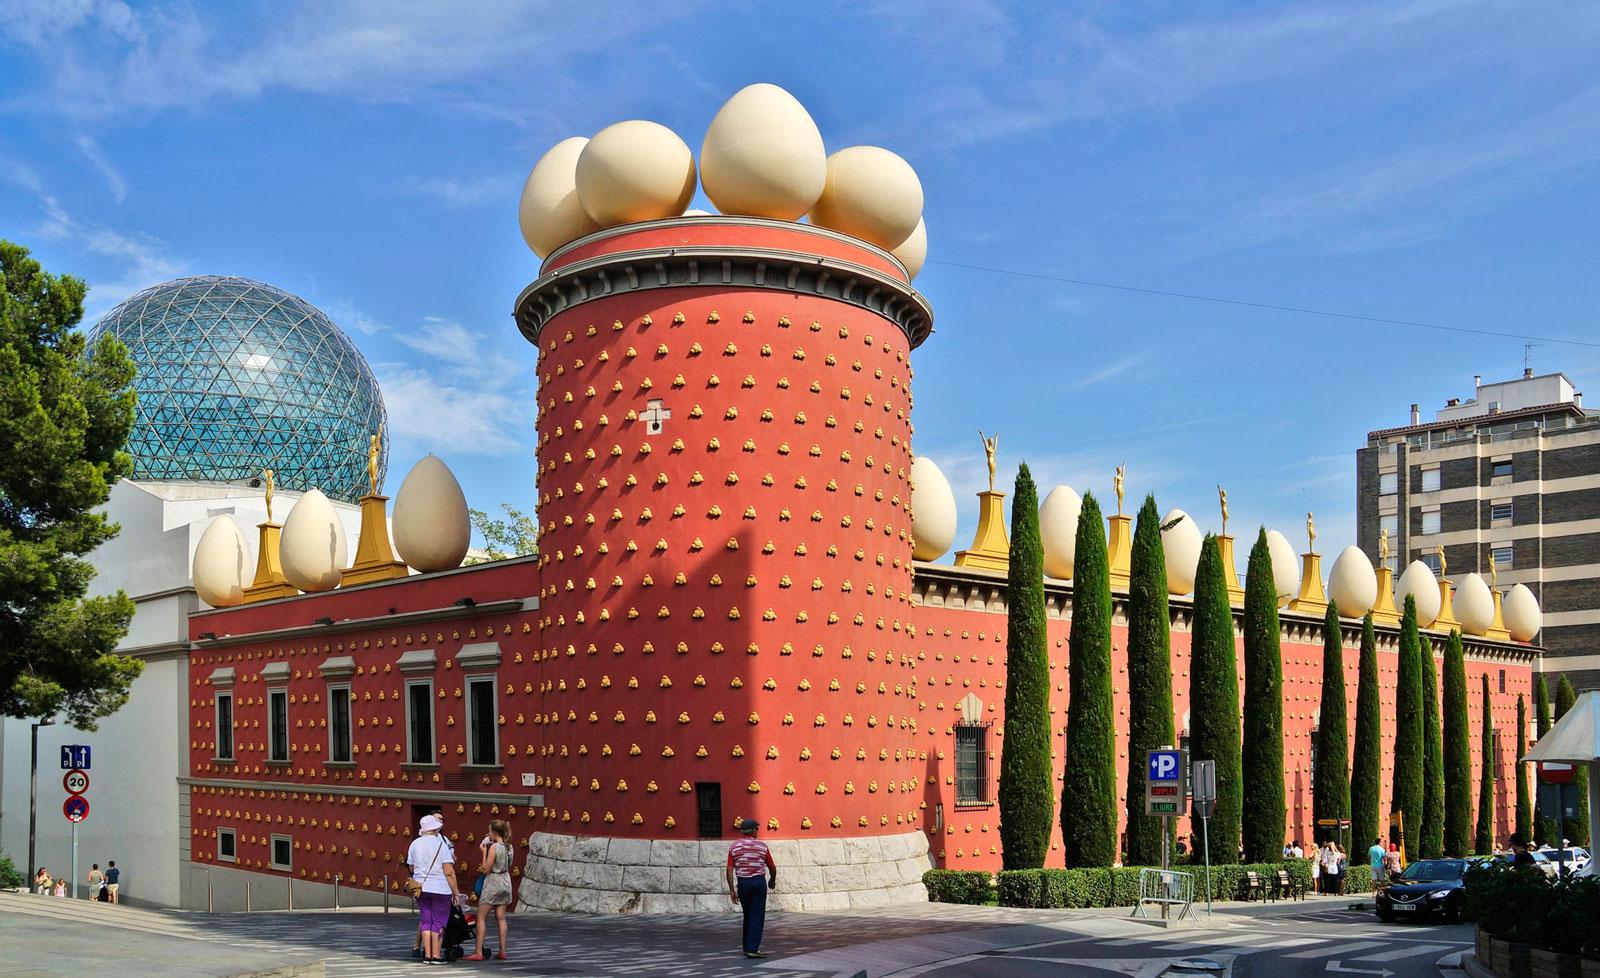 Théâtre musée Dali de Figueres